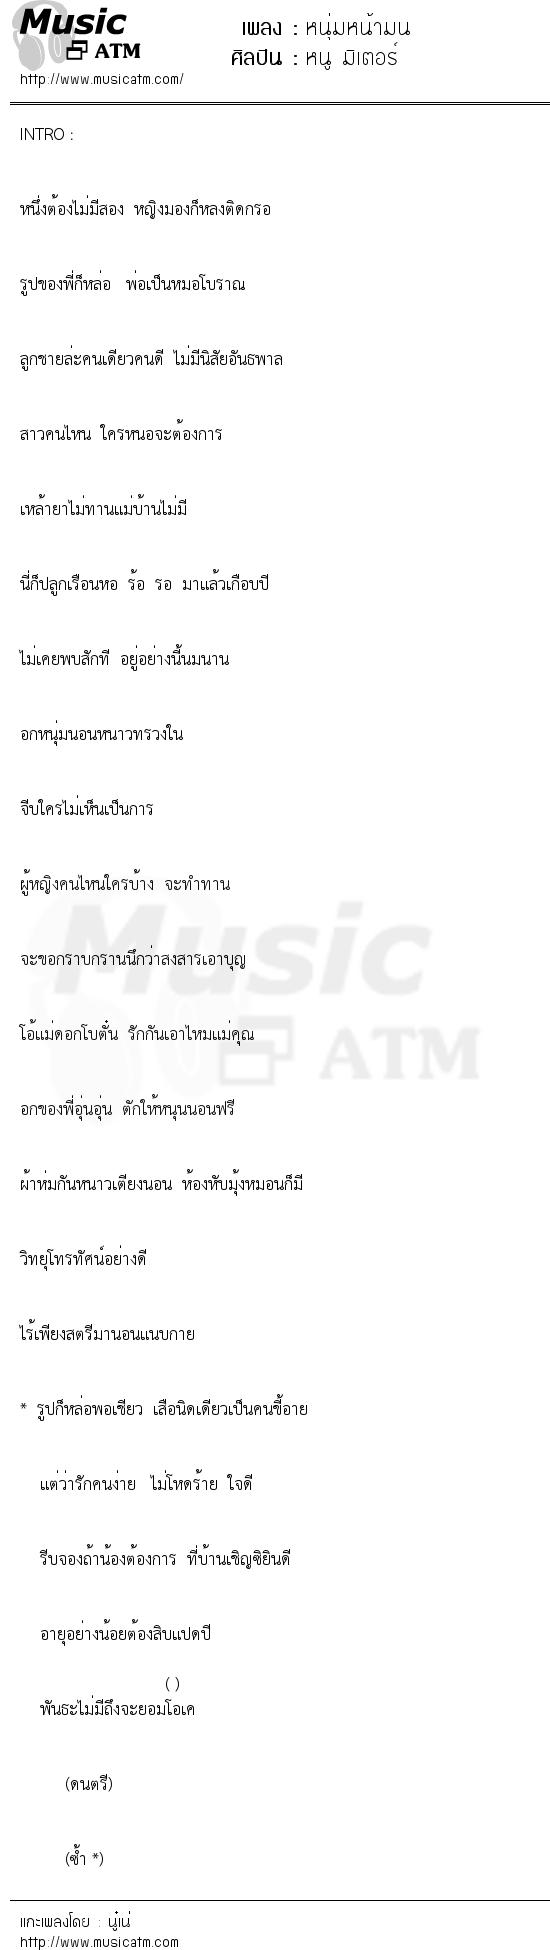 หนุ่มหน้ามน | เพลงไทย